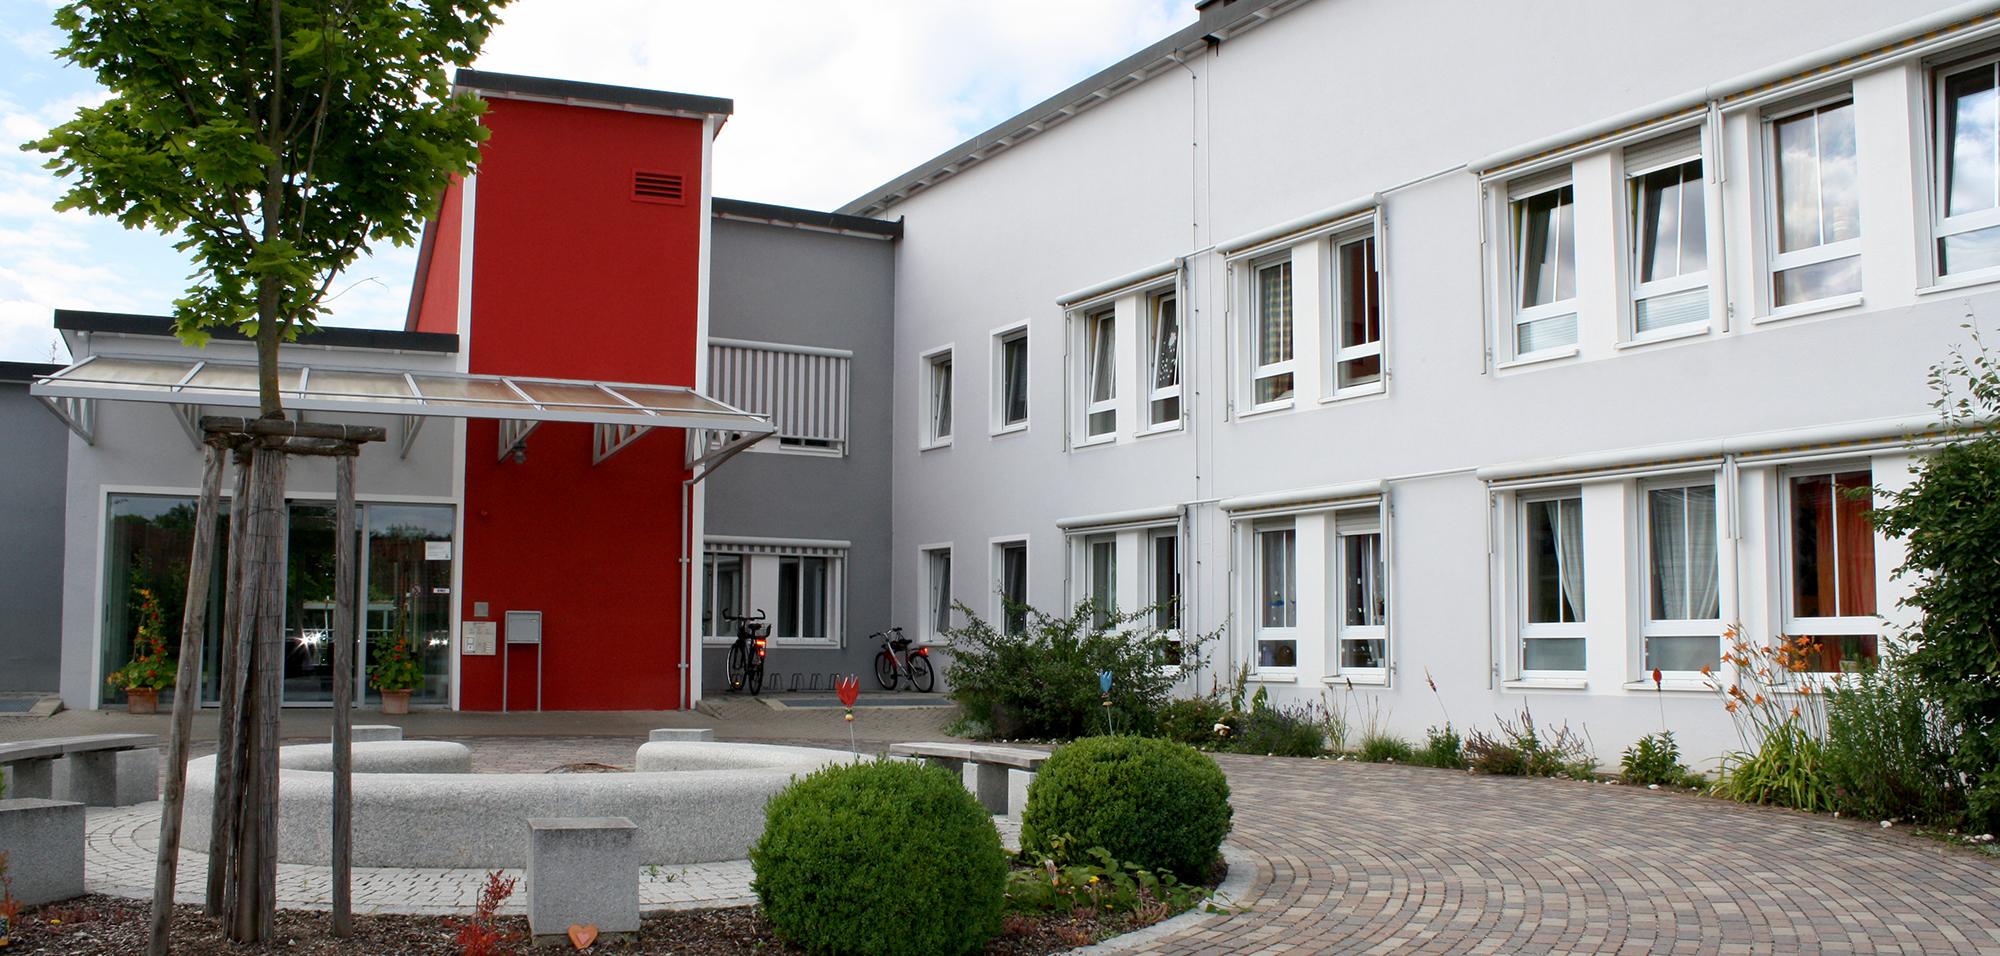 Wohnheim am Haberloh